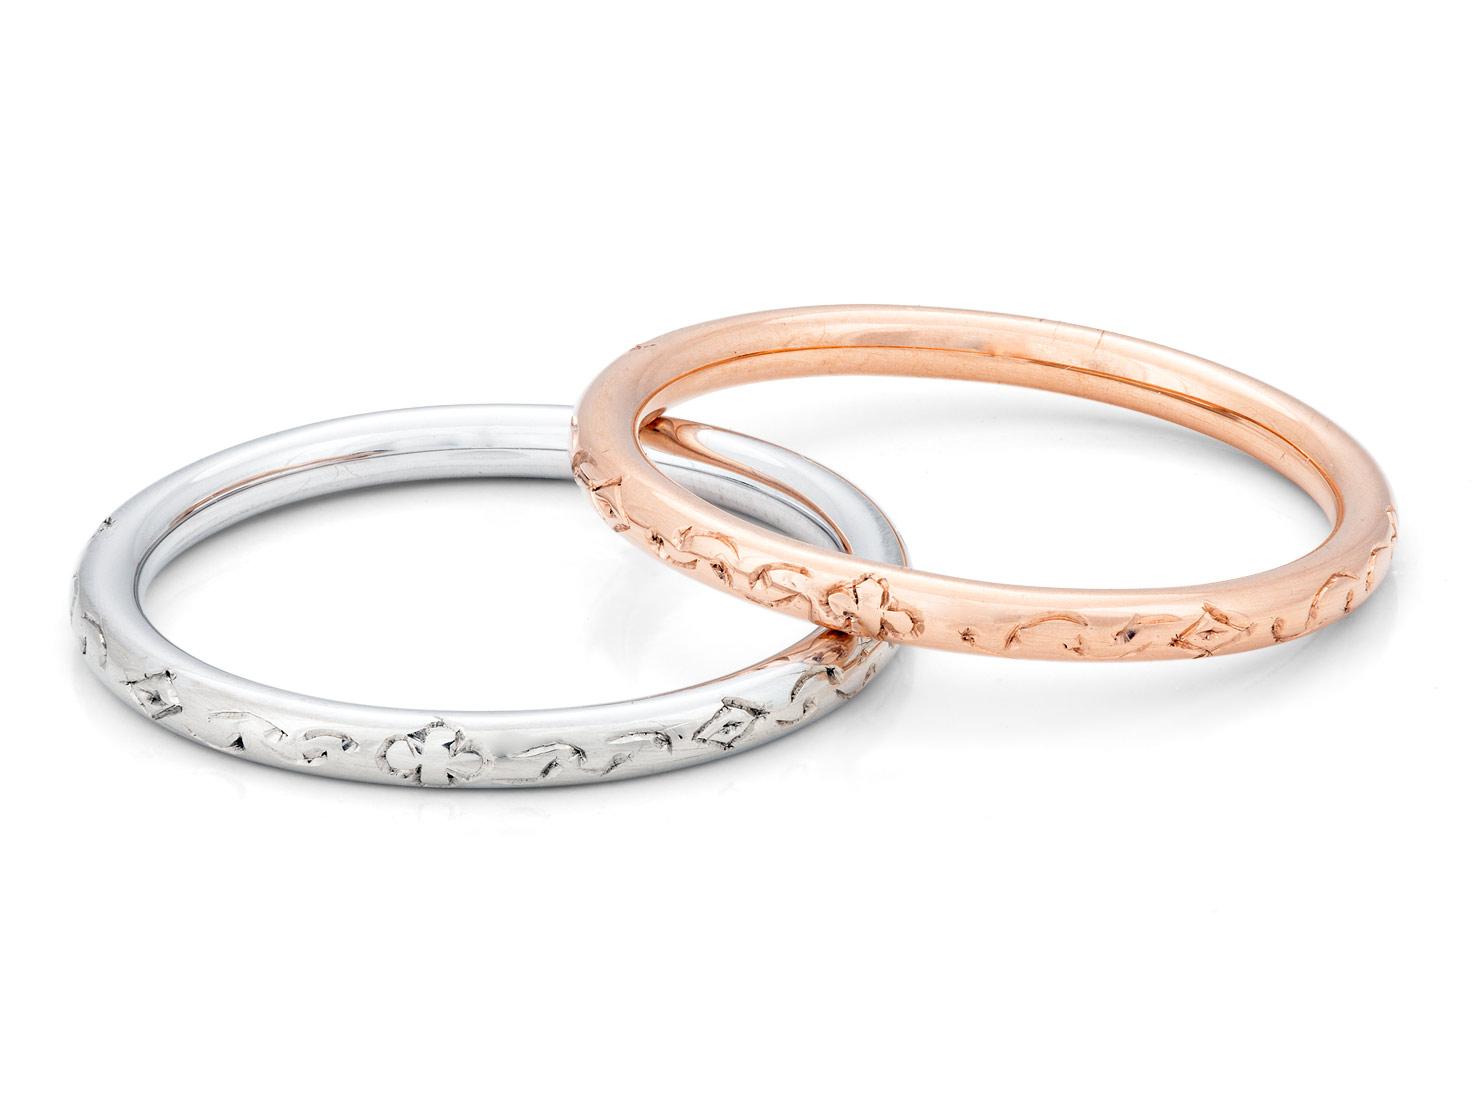 bella italia bridal bands